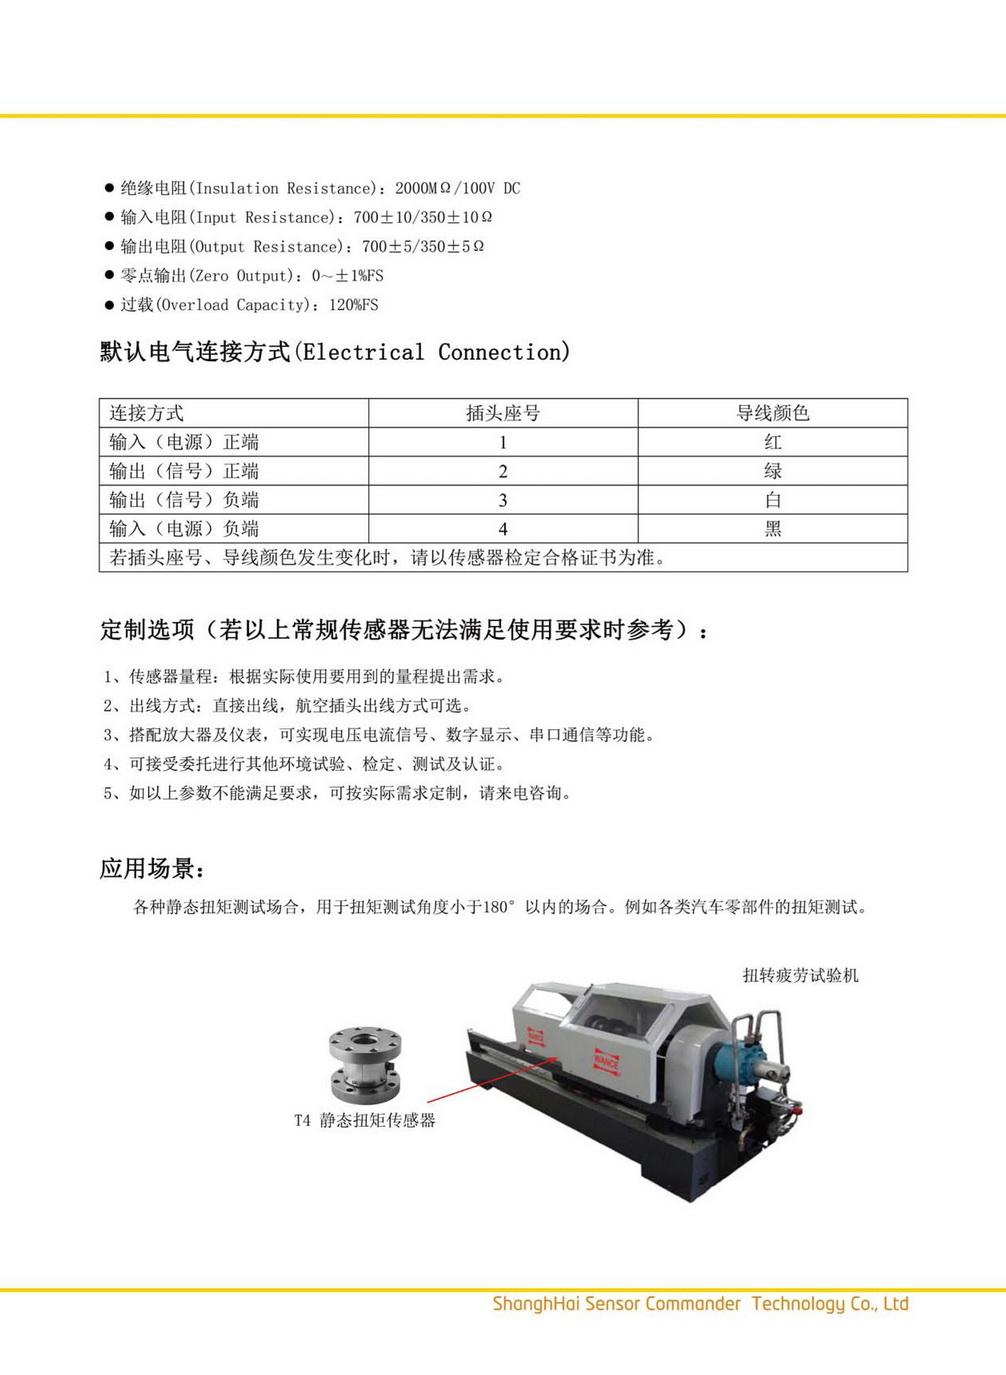 尚测科技产品选型手册 V1.3_页面_20_调整大小.jpg